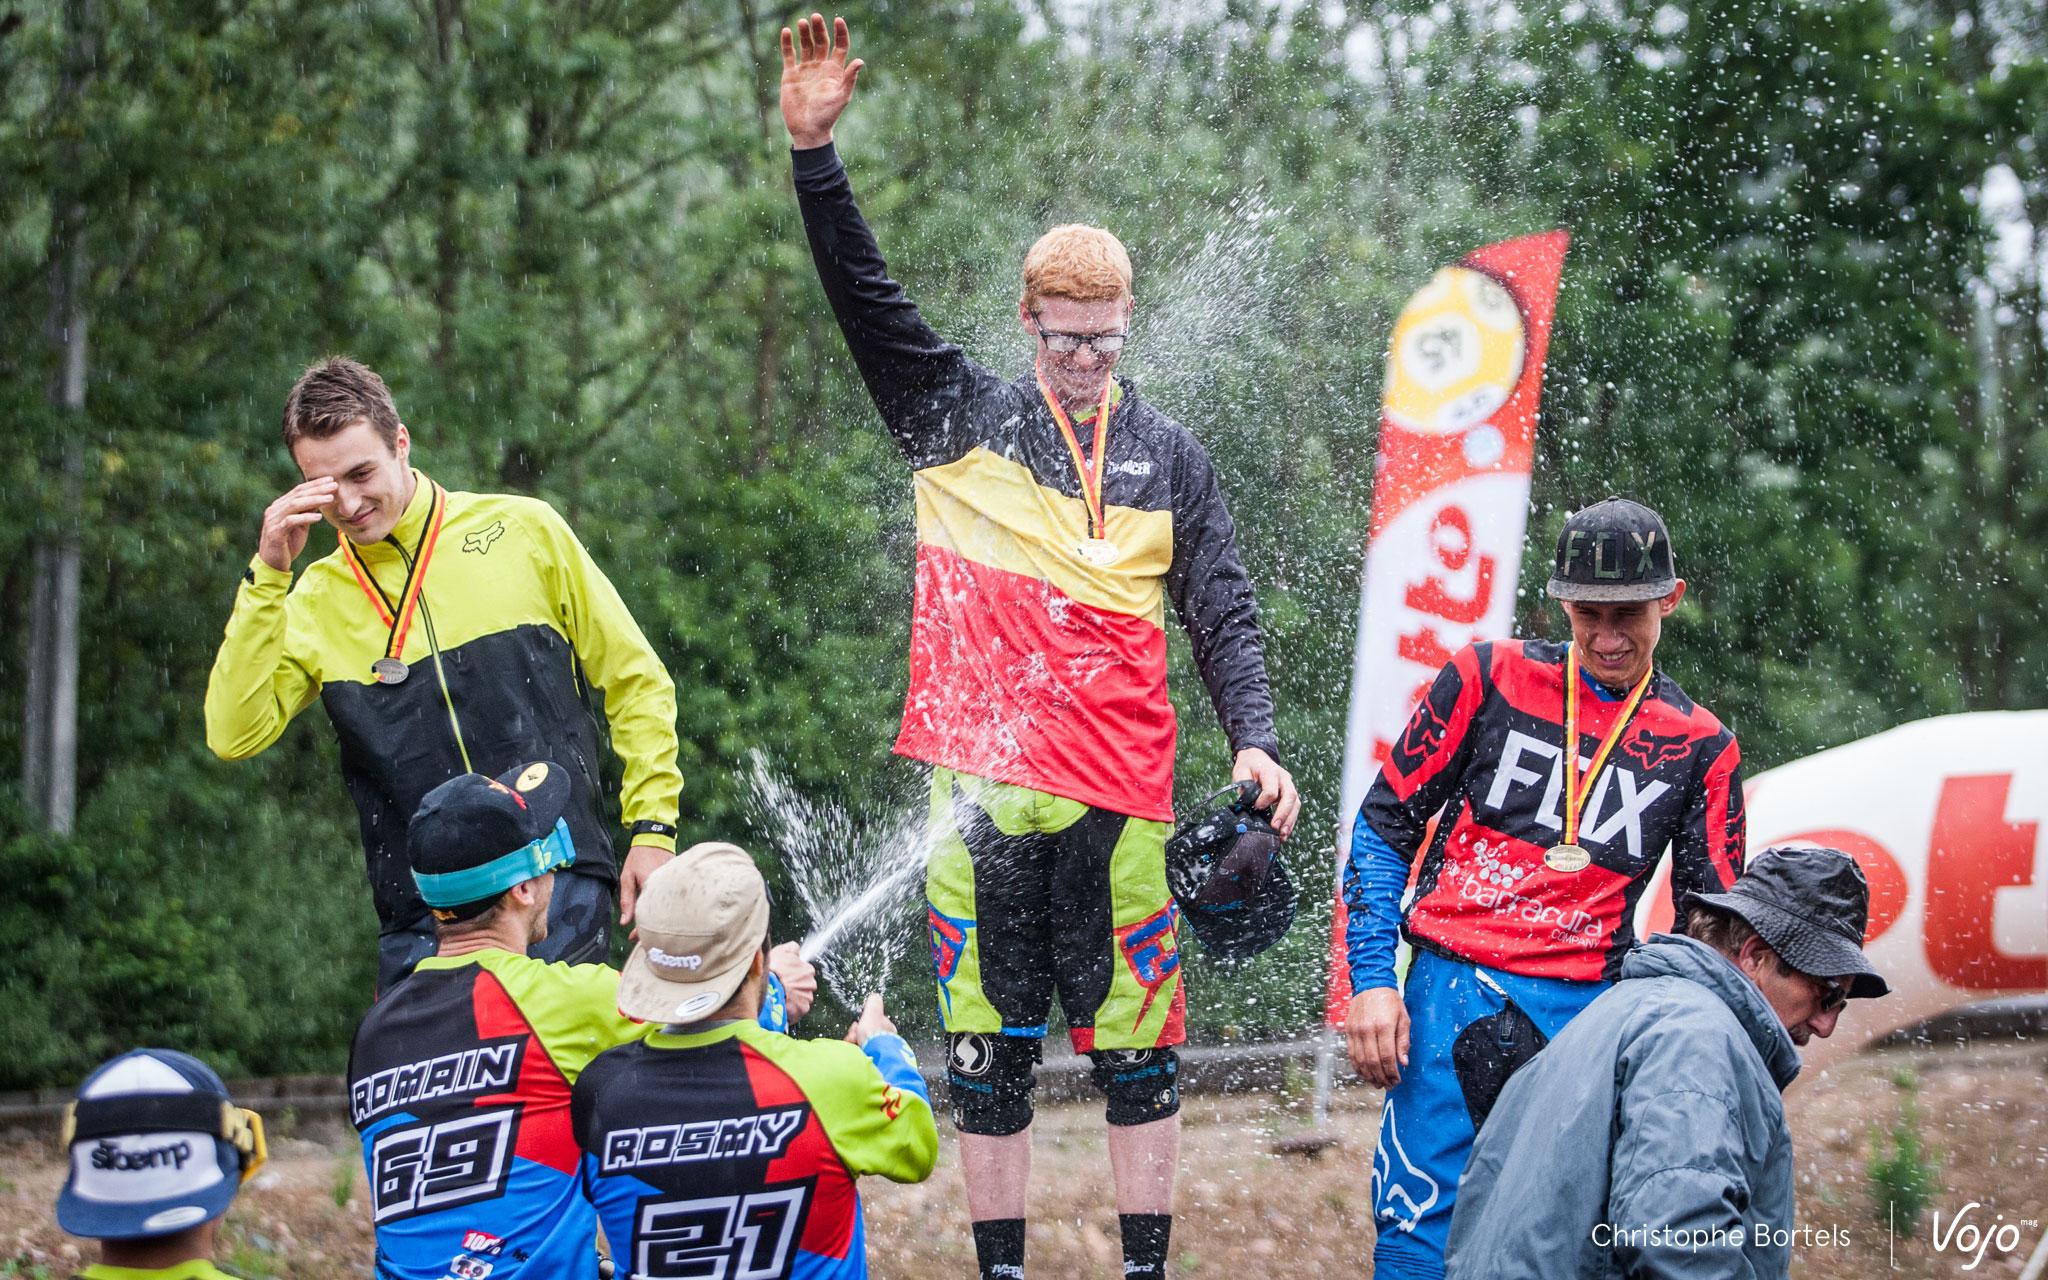 championnat-belgique-vielsalm-champagne